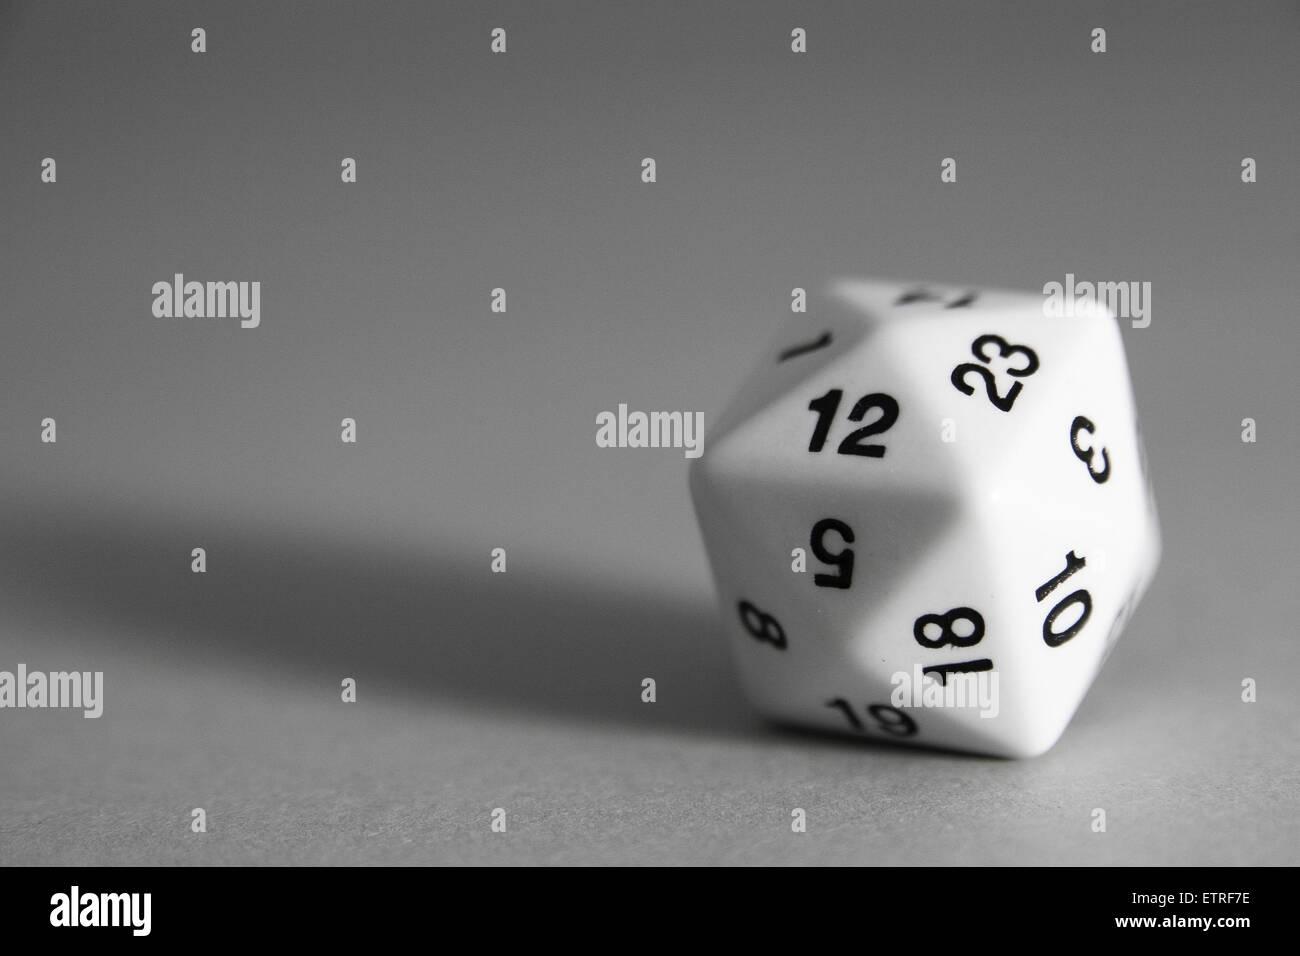 A white Tetrakis hexahedron die on grey background - Stock Image